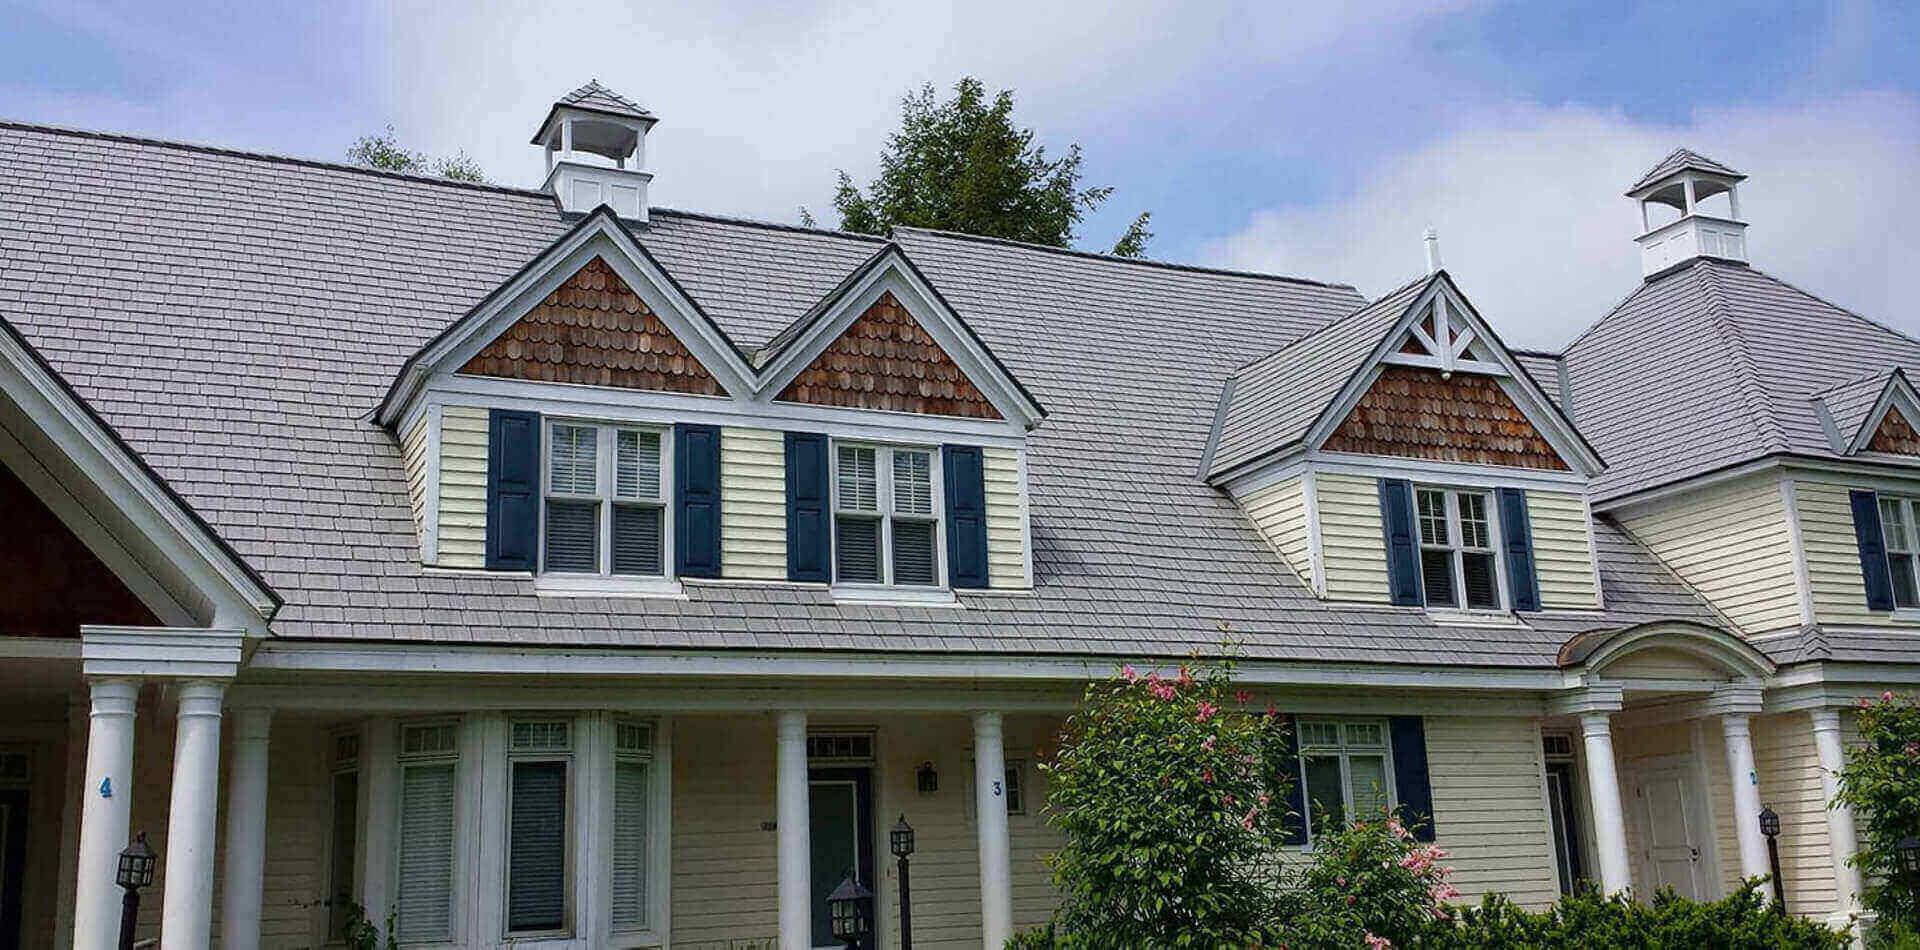 Hub City Home Improvement & Roofing LLC